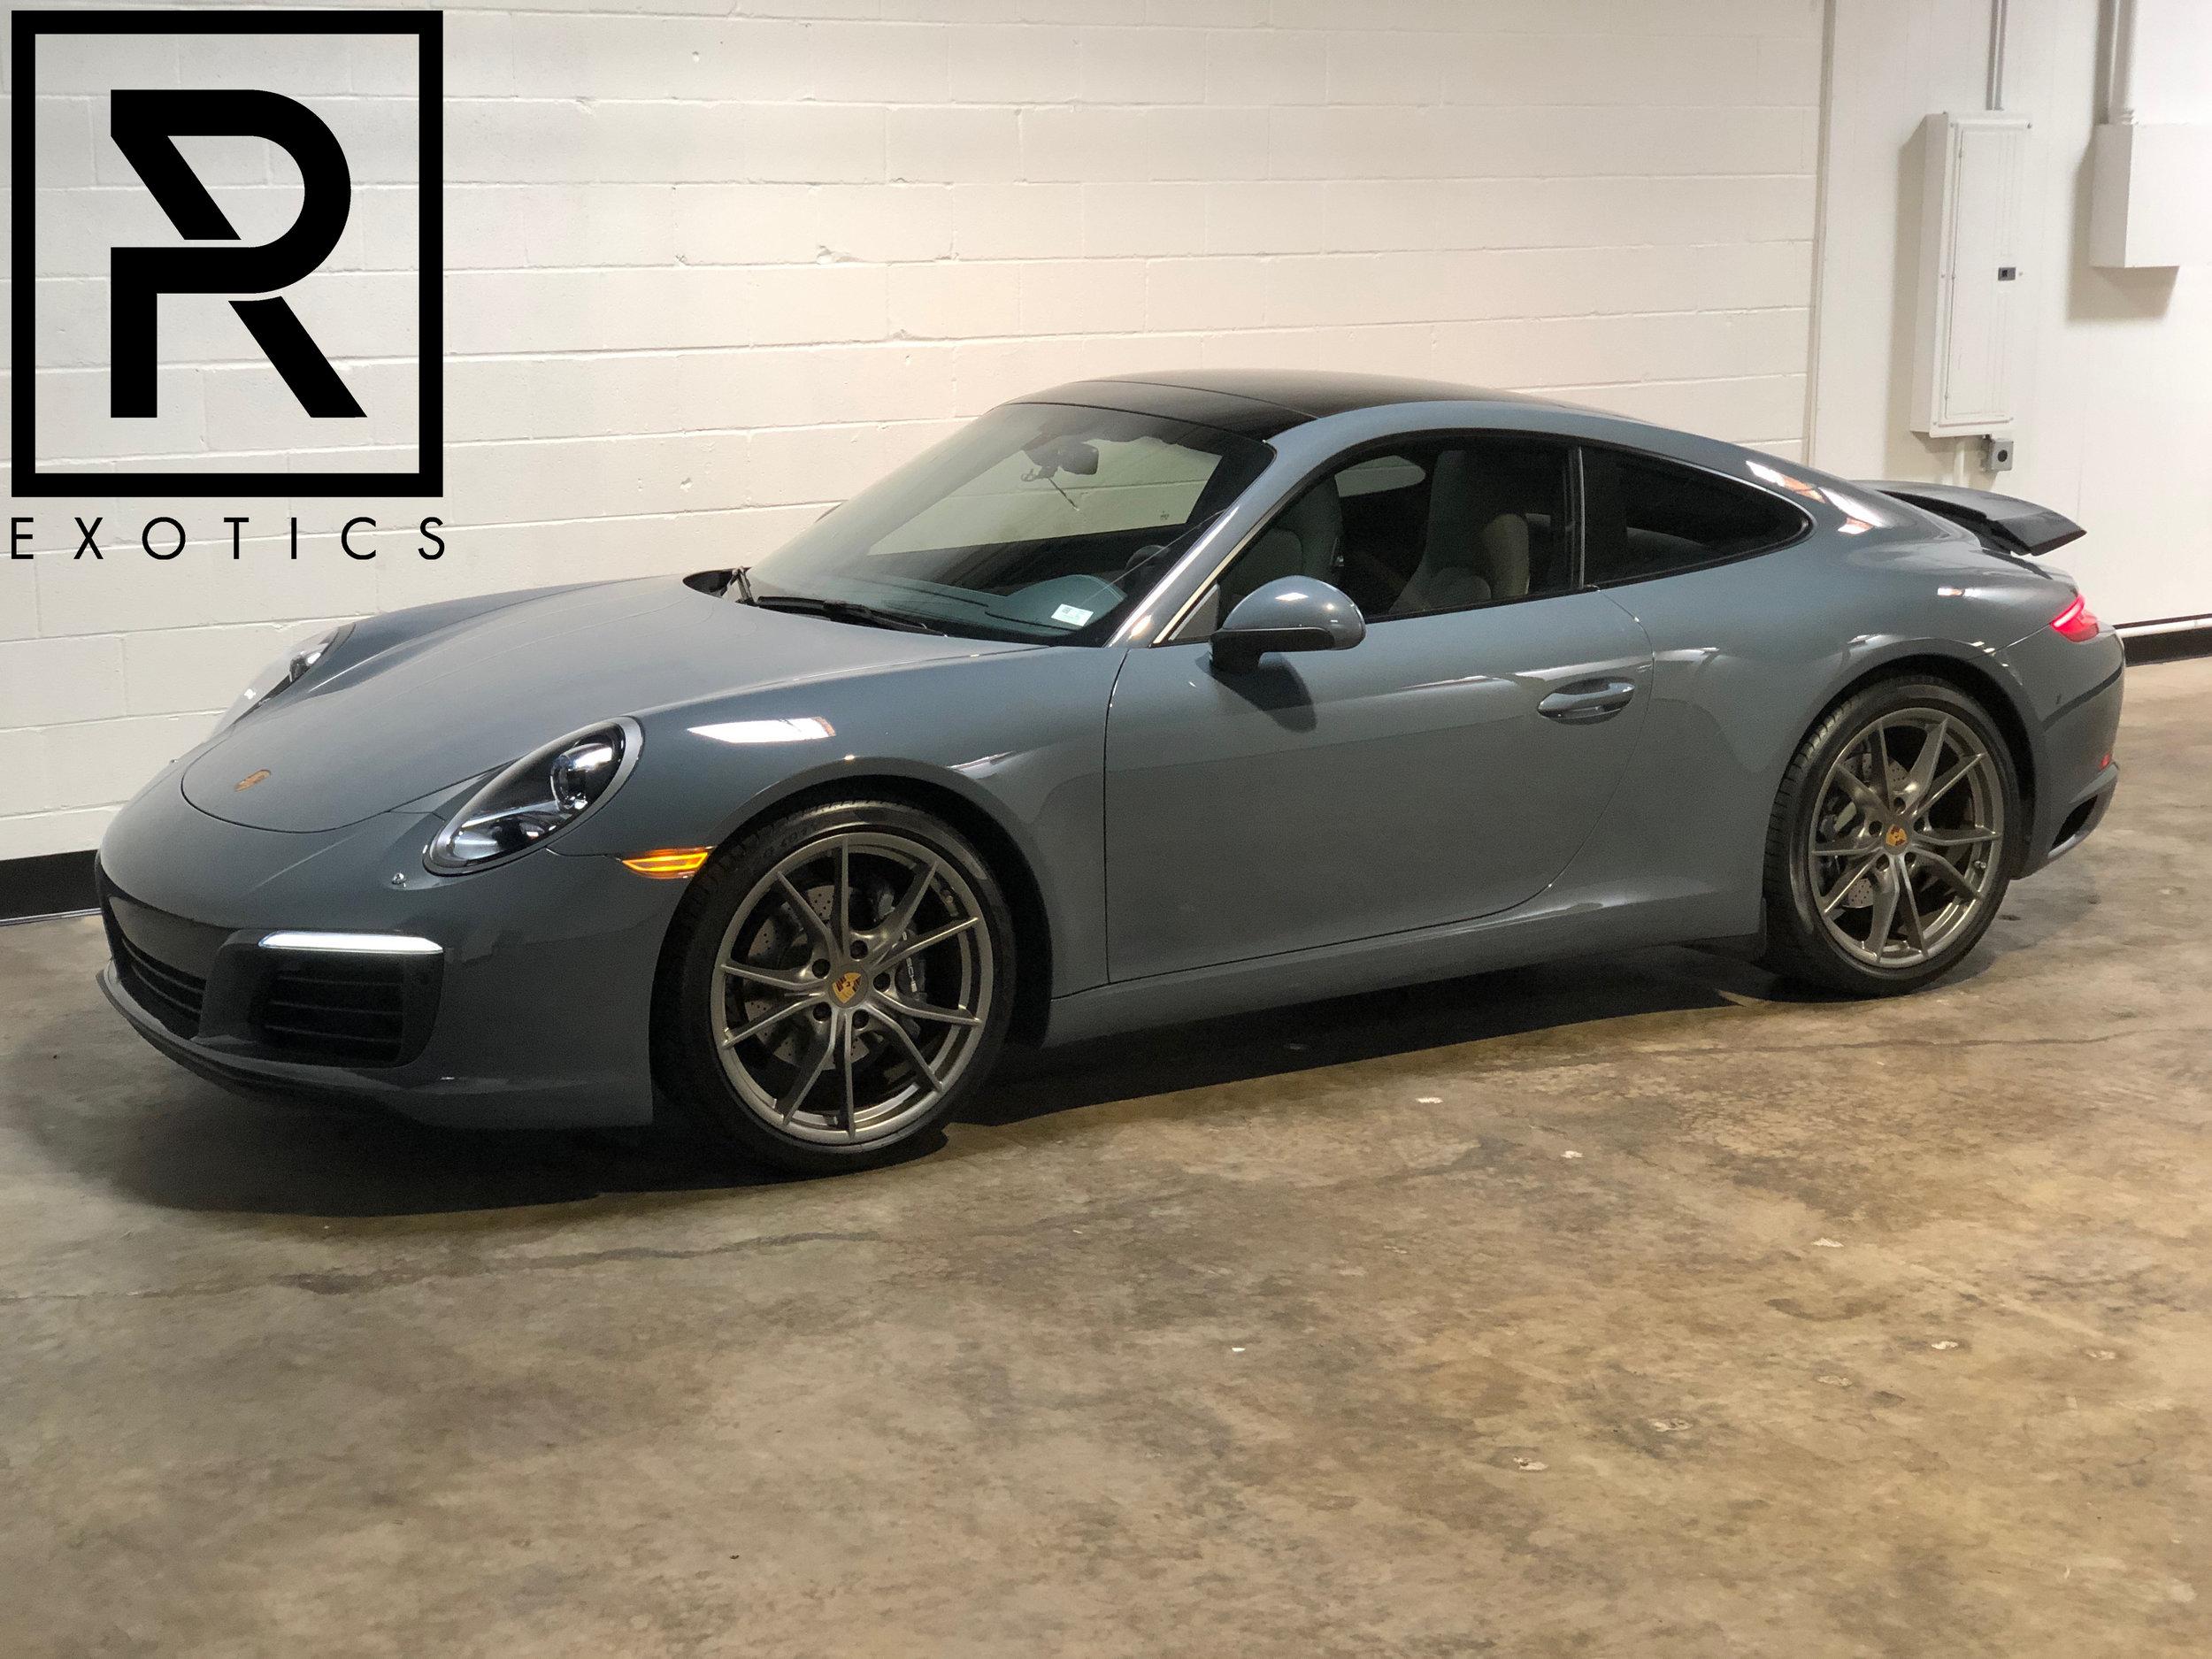 2017 Porsche 911 Thumbnail.jpg